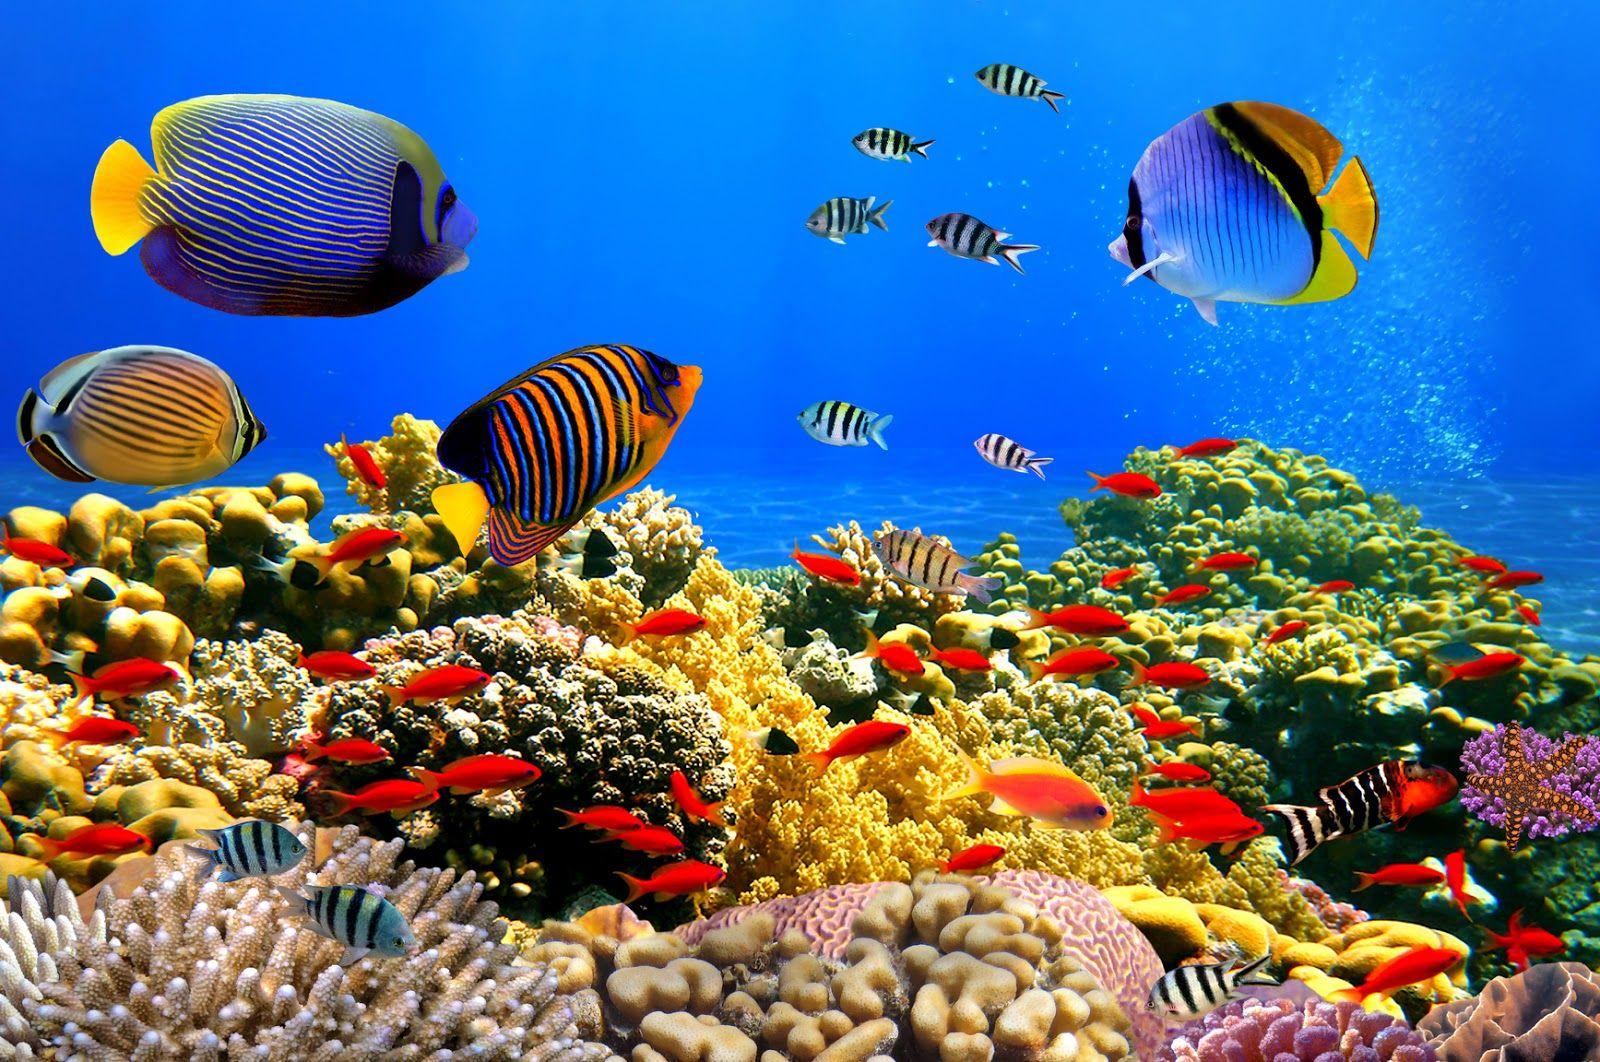 Playas Bonitas Banco De Imagenes 10 Fotos Del Mar Azul